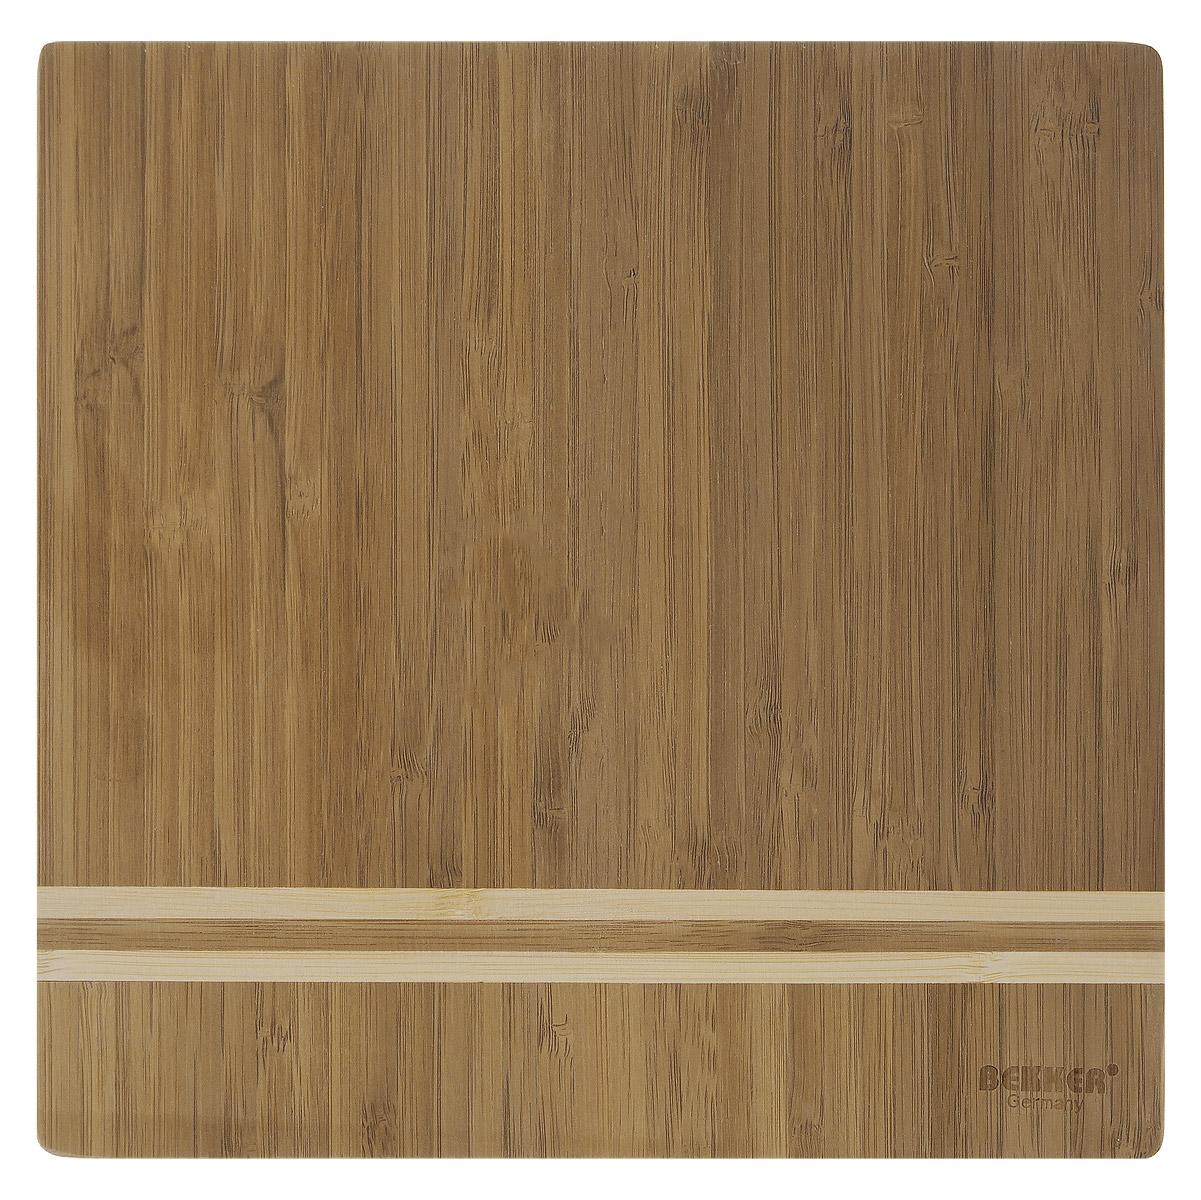 Доска разделочная Bekker, бамбуковая, 25 х 25 см54 009312Квадратная разделочная доска Bekker изготовлена из высококачественной древесины бамбука, обладающей антибактериальными свойствами. Бамбук - инновационный материал, идеально подходящий для разделочных досок. Доски из бамбука обладают высокой плотностью структуры древесины, а также устойчивы к механическим воздействиям. Функциональная и простая в использовании, разделочная доска Bekker прекрасно впишется в интерьер любой кухни и прослужит вам долгие годы.